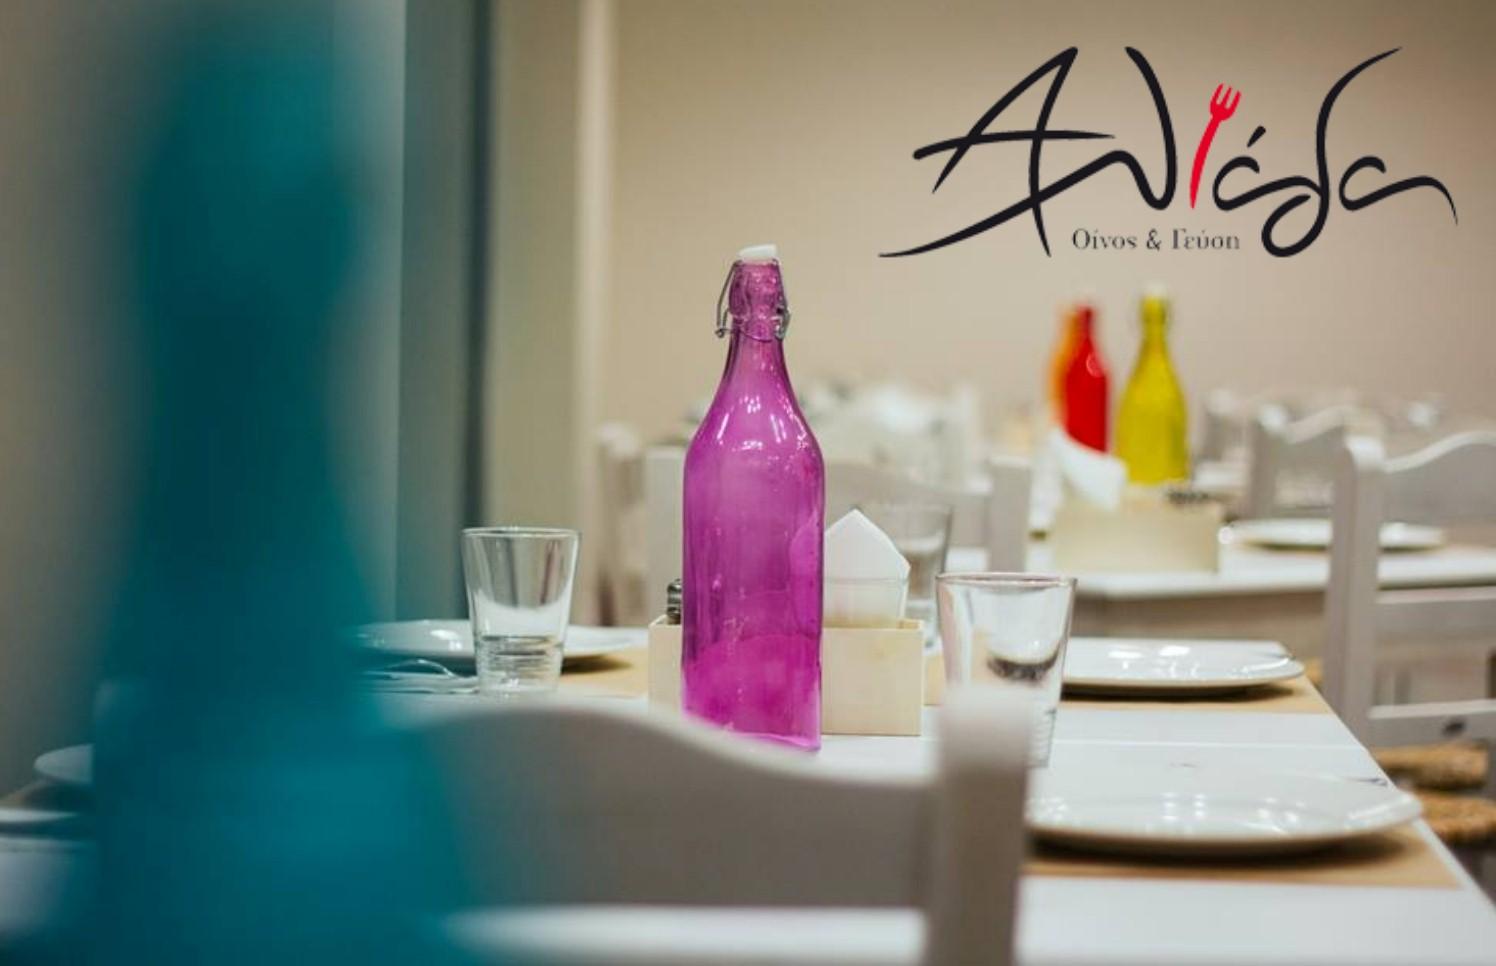 24,9€ από 50,8€ για υπερπλήρες menu γευσιγνωσίας 2 ατόμων στο καταπληκτικό εστιατόριο ''Αλιάδα'' στο κέντρο του Γέρακα εικόνα